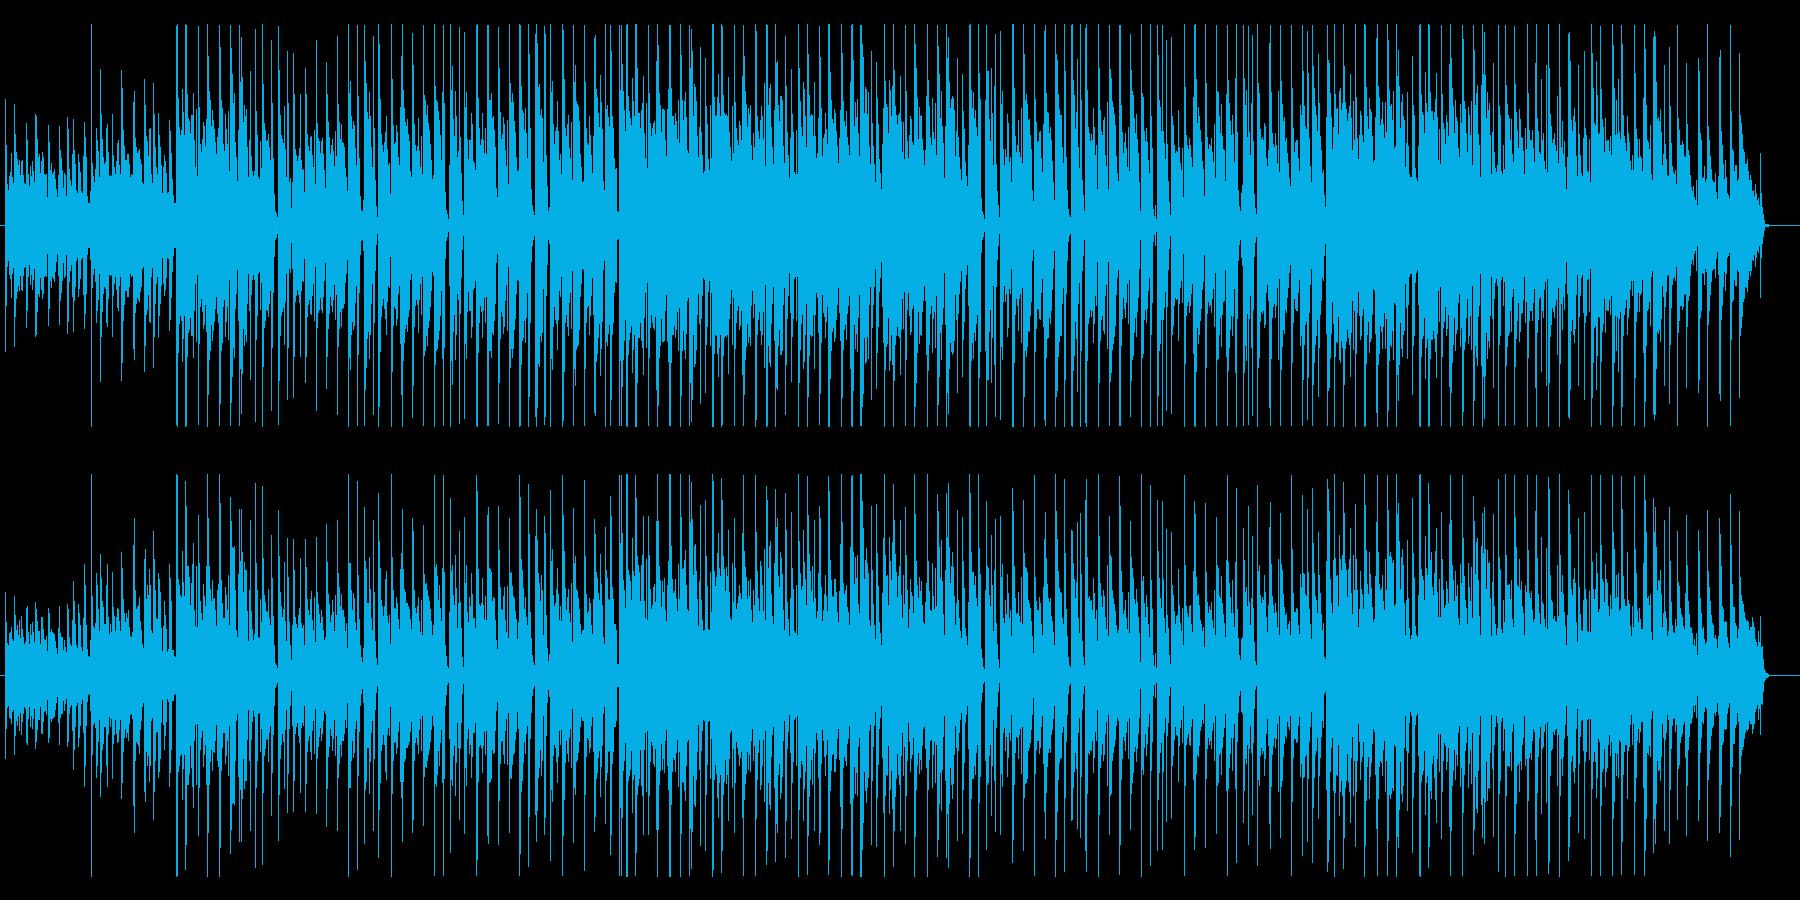 生演奏!癒しのウクレレハワイアンポップスの再生済みの波形